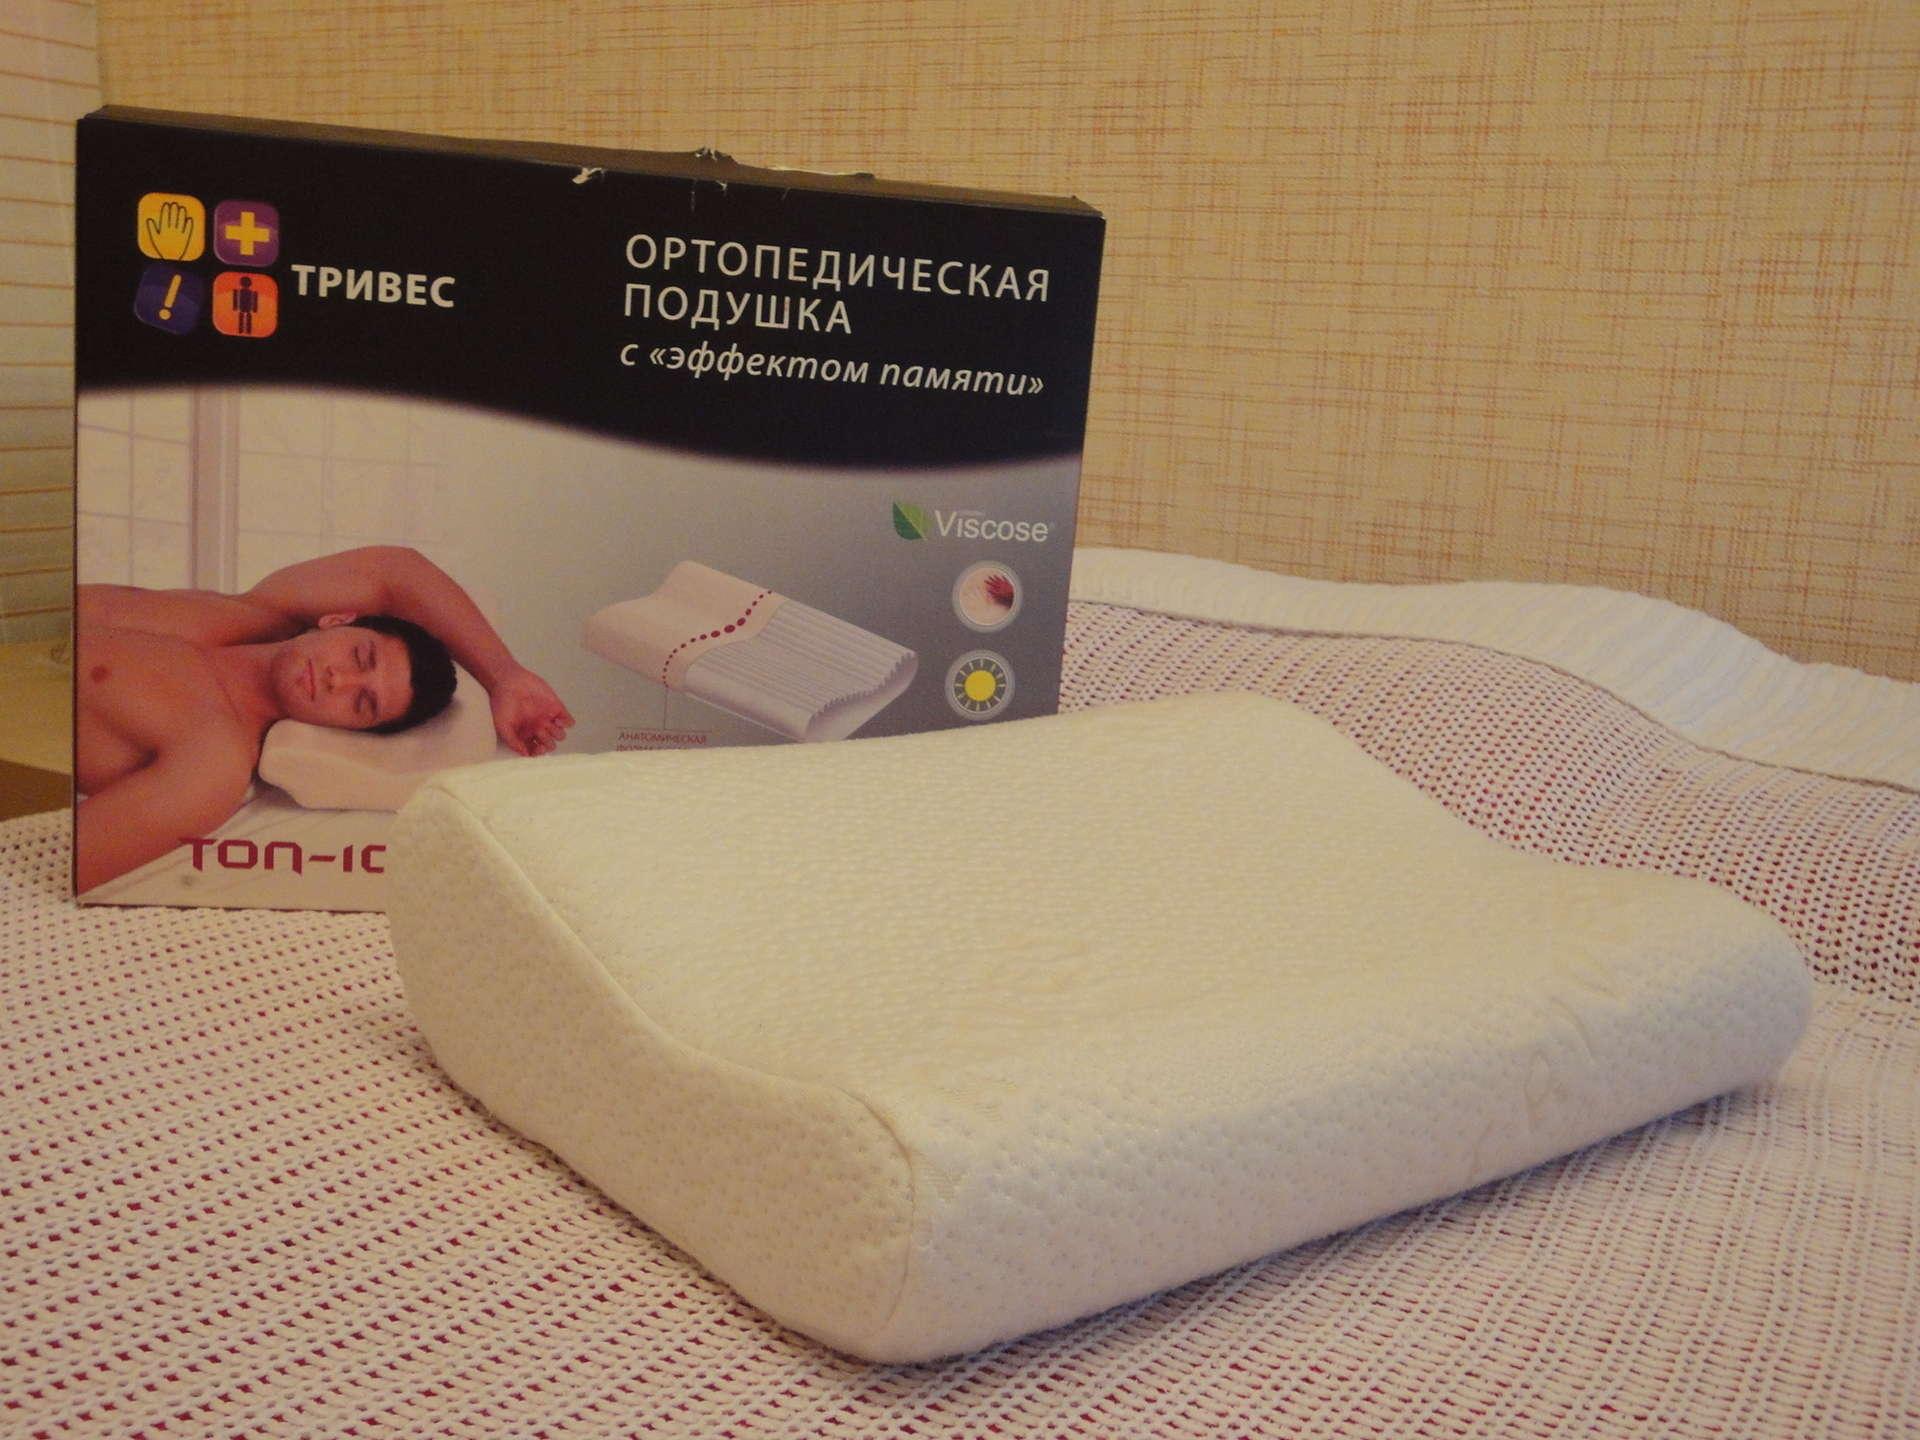 производители ортопедических подушек